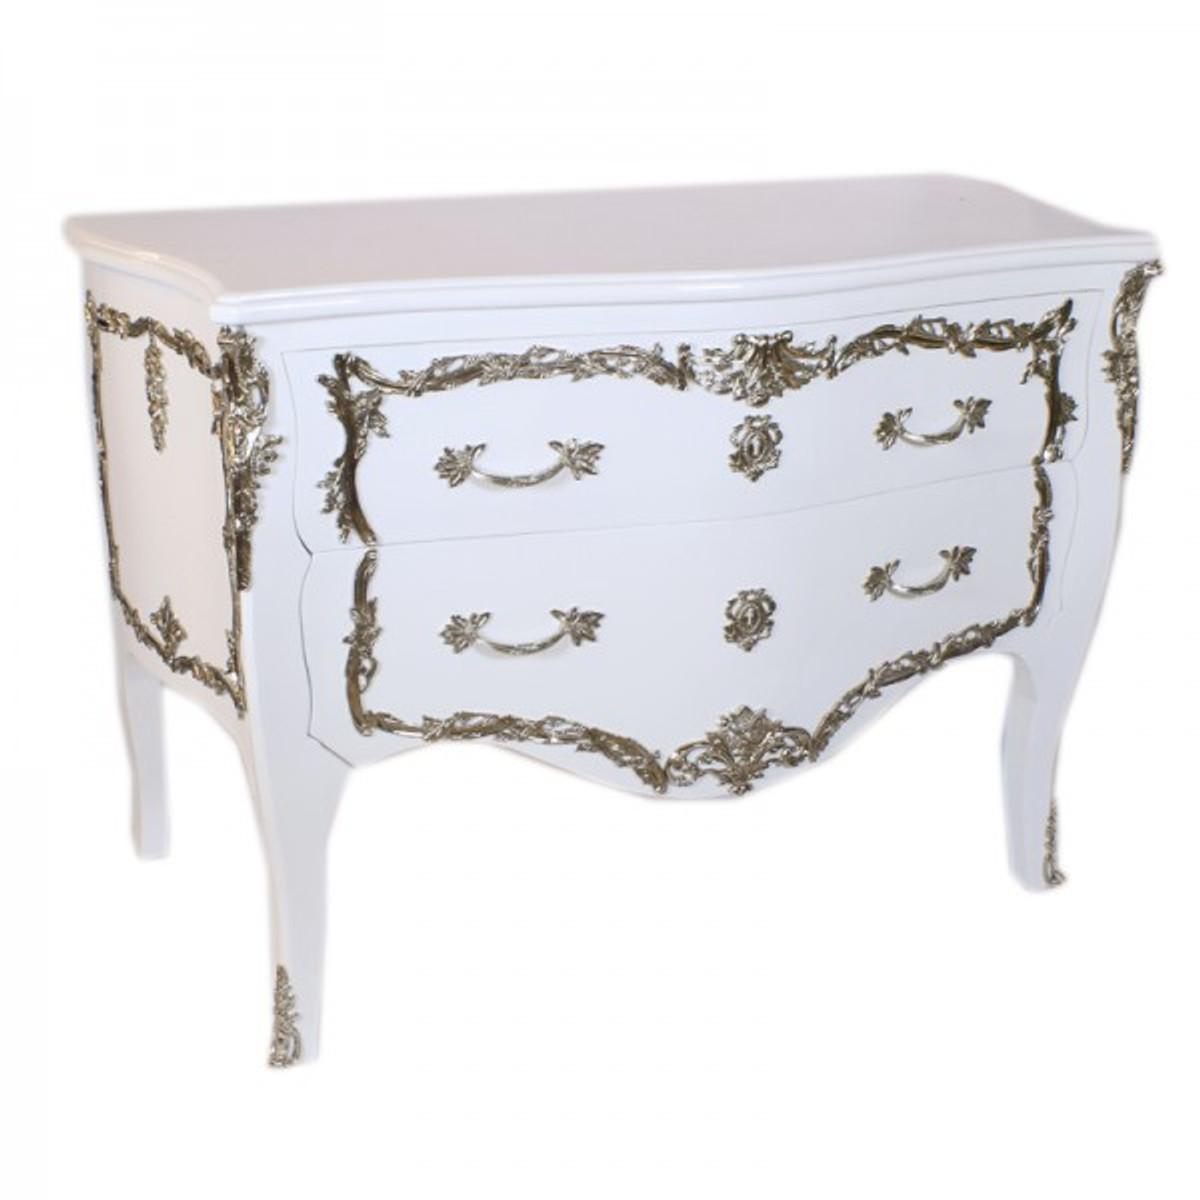 Casa padrino barock kommode wei hochglanz silber 130 cm for Design couchtisch bowl highgloss weiss 90cm